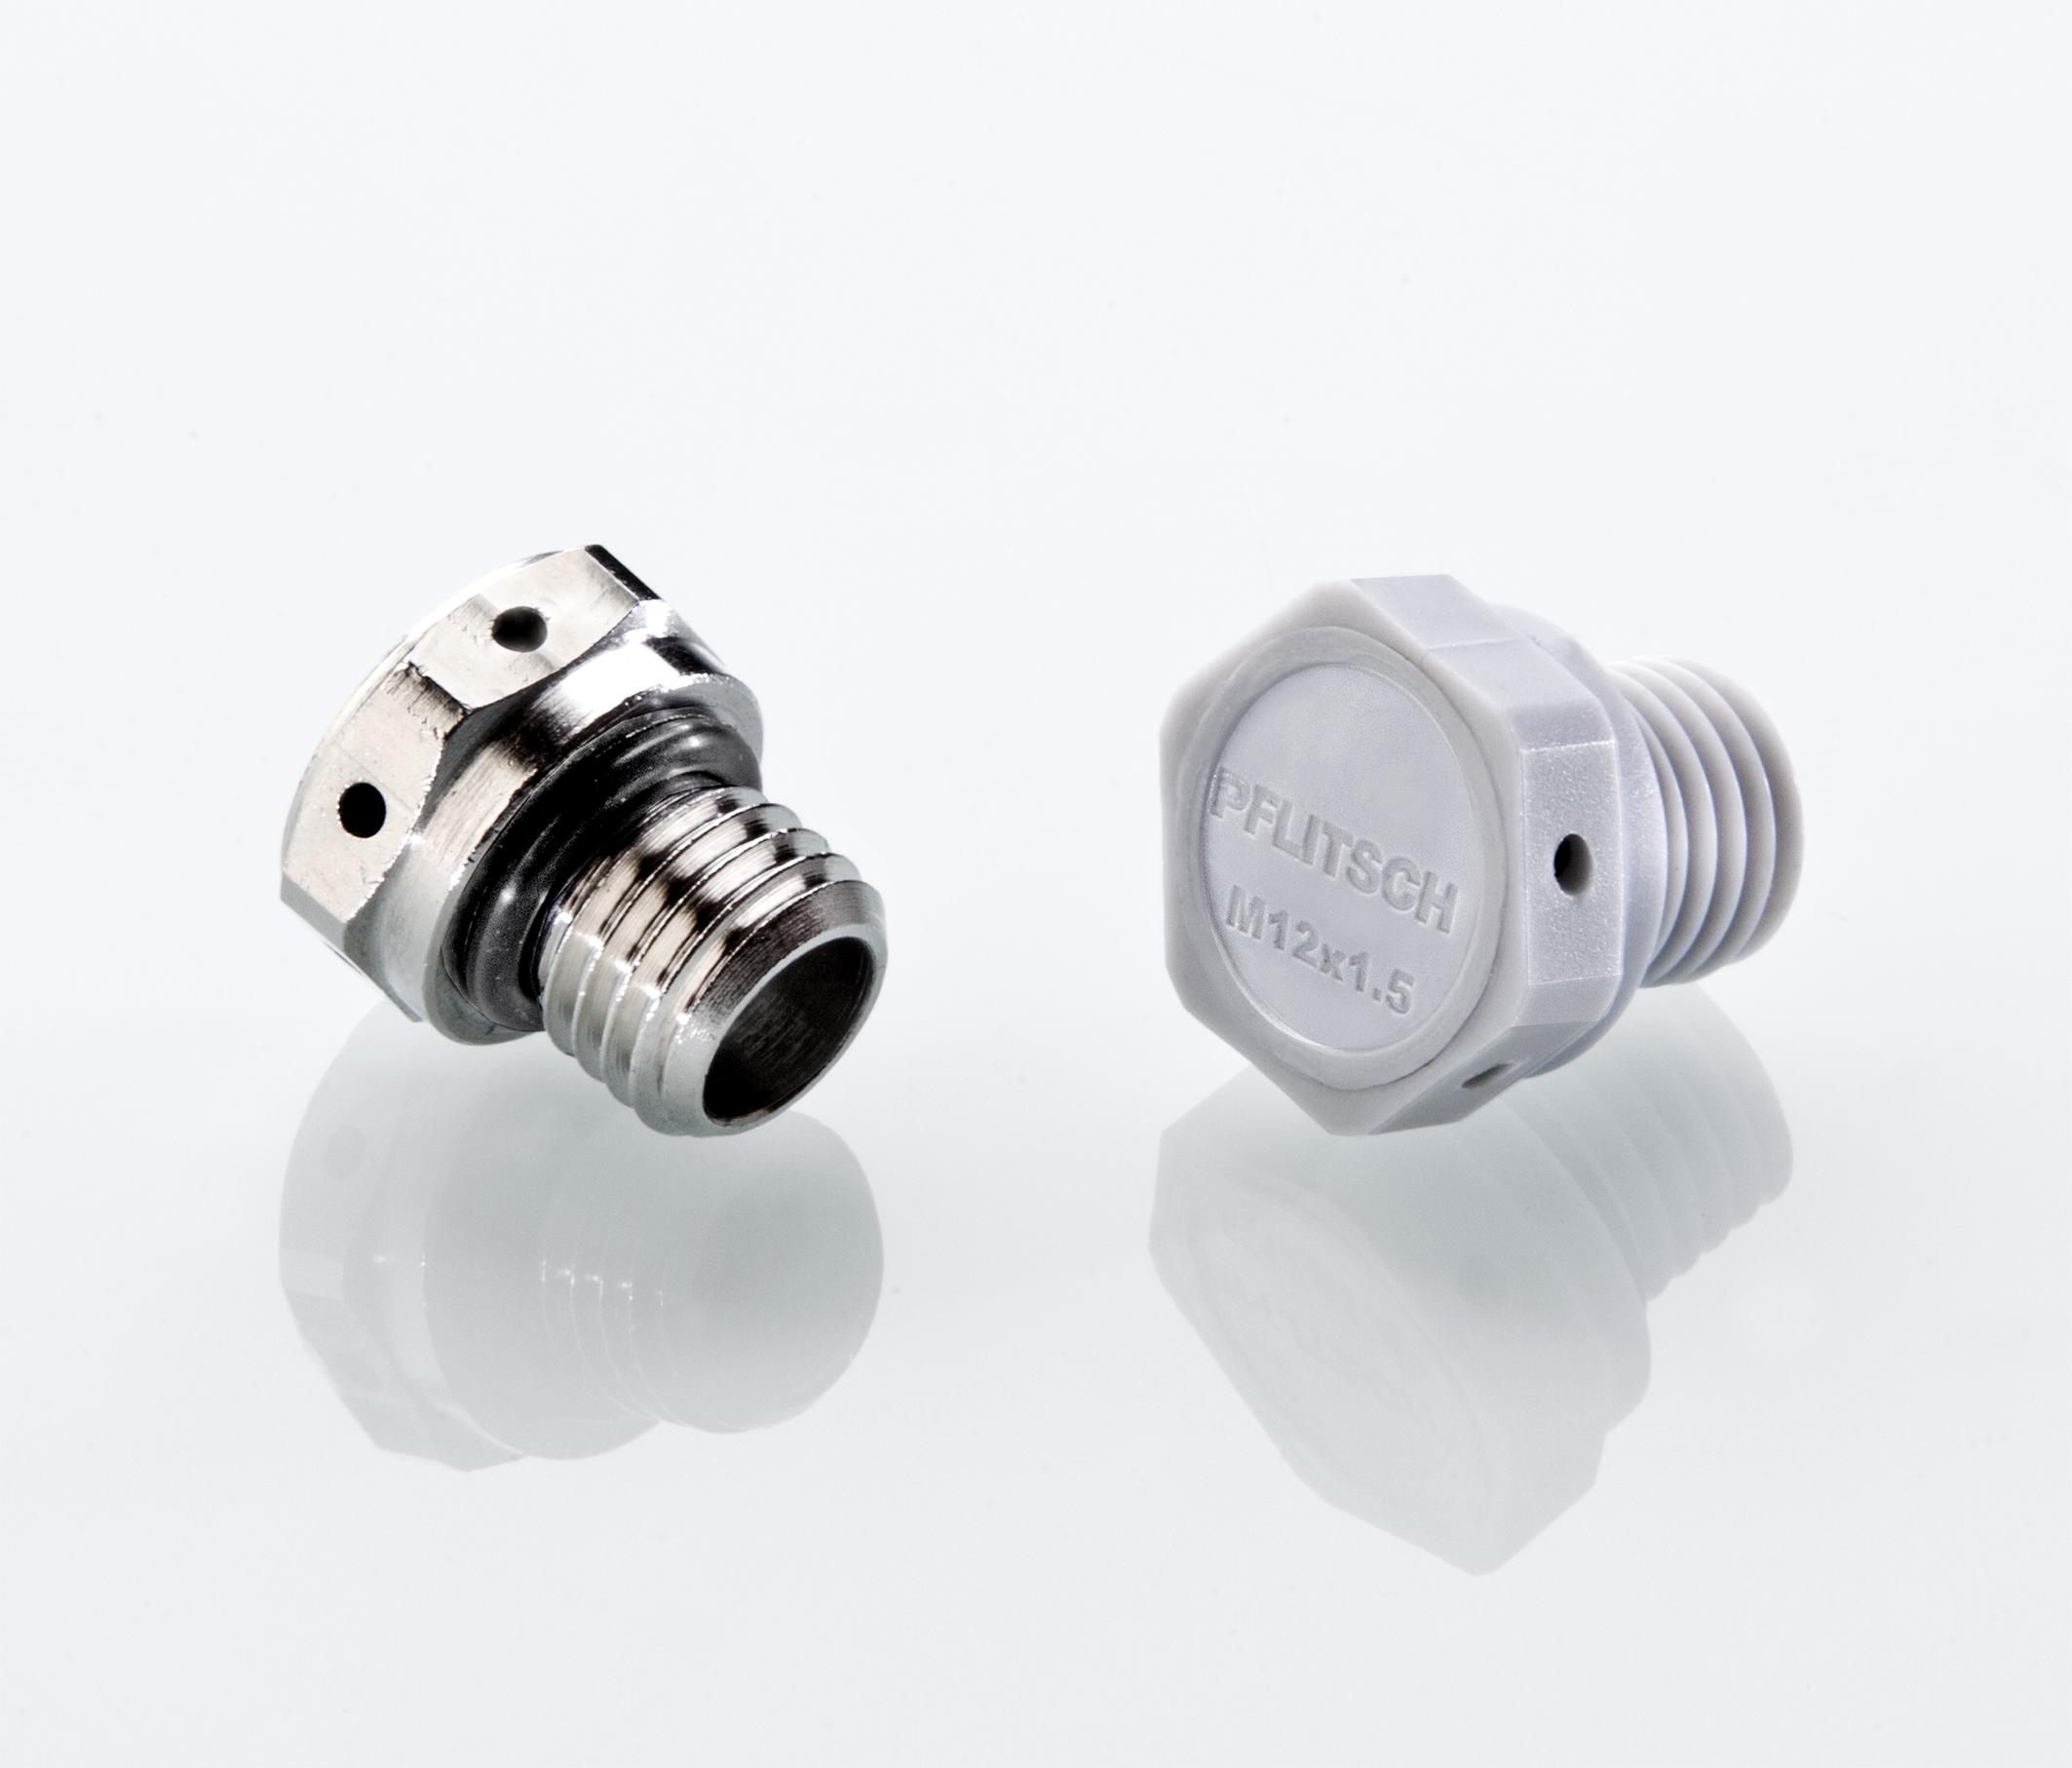 Die neuen Druckausgleichselemente (DAE) von Pflitsch bieten wirksamen Schutz für Dichtungen sowie Komponenten im Gehäuseinneren. (Bild: Pflitsch GmbH & Co. KG)